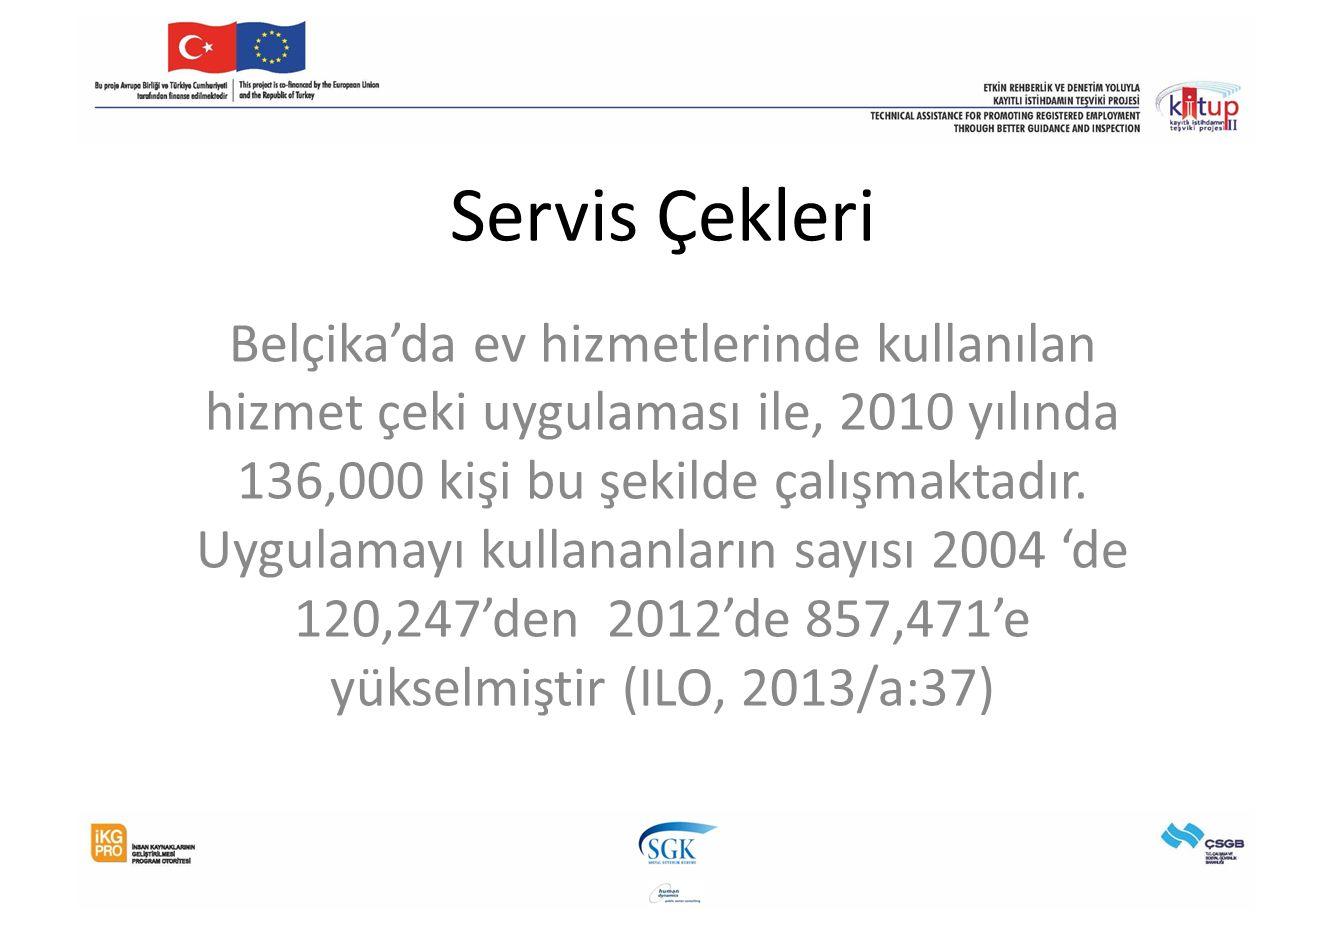 Servis Çekleri Belçika'da ev hizmetlerinde kullanılan hizmet çeki uygulaması ile, 2010 yılında 136,000 kişi bu şekilde çalışmaktadır.